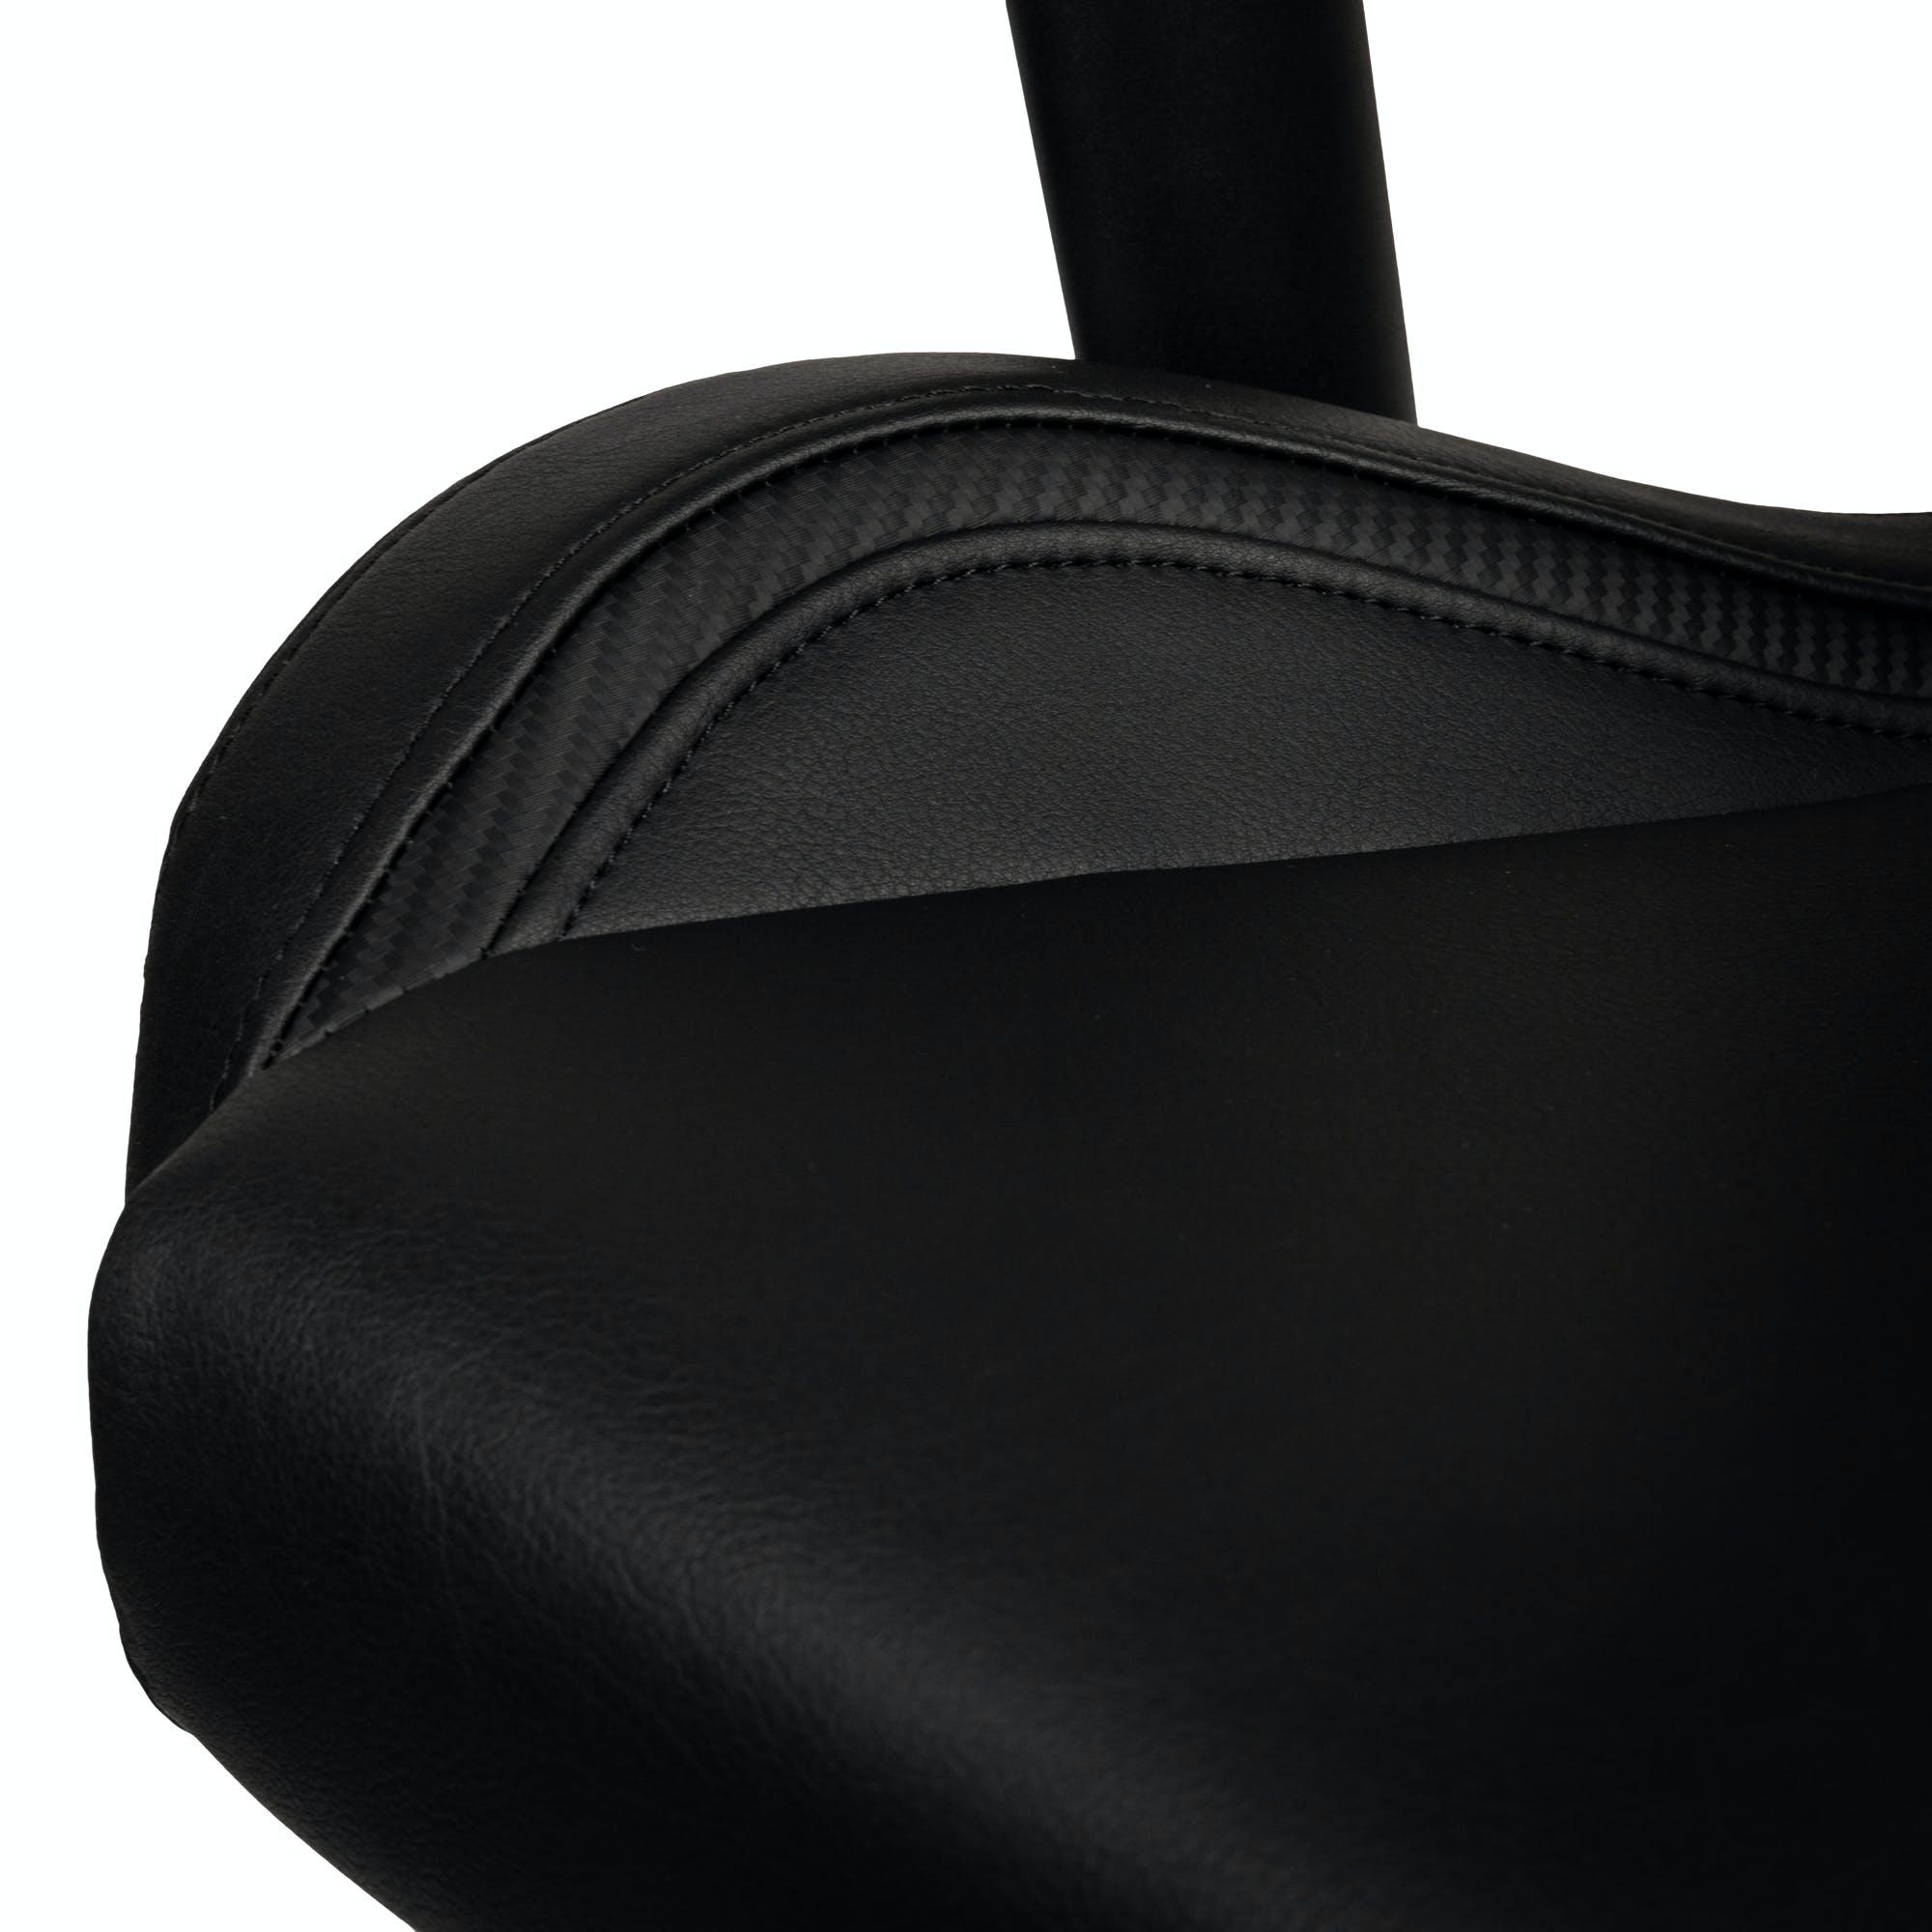 Noblechairs - EPIC Compact Black/Carbon